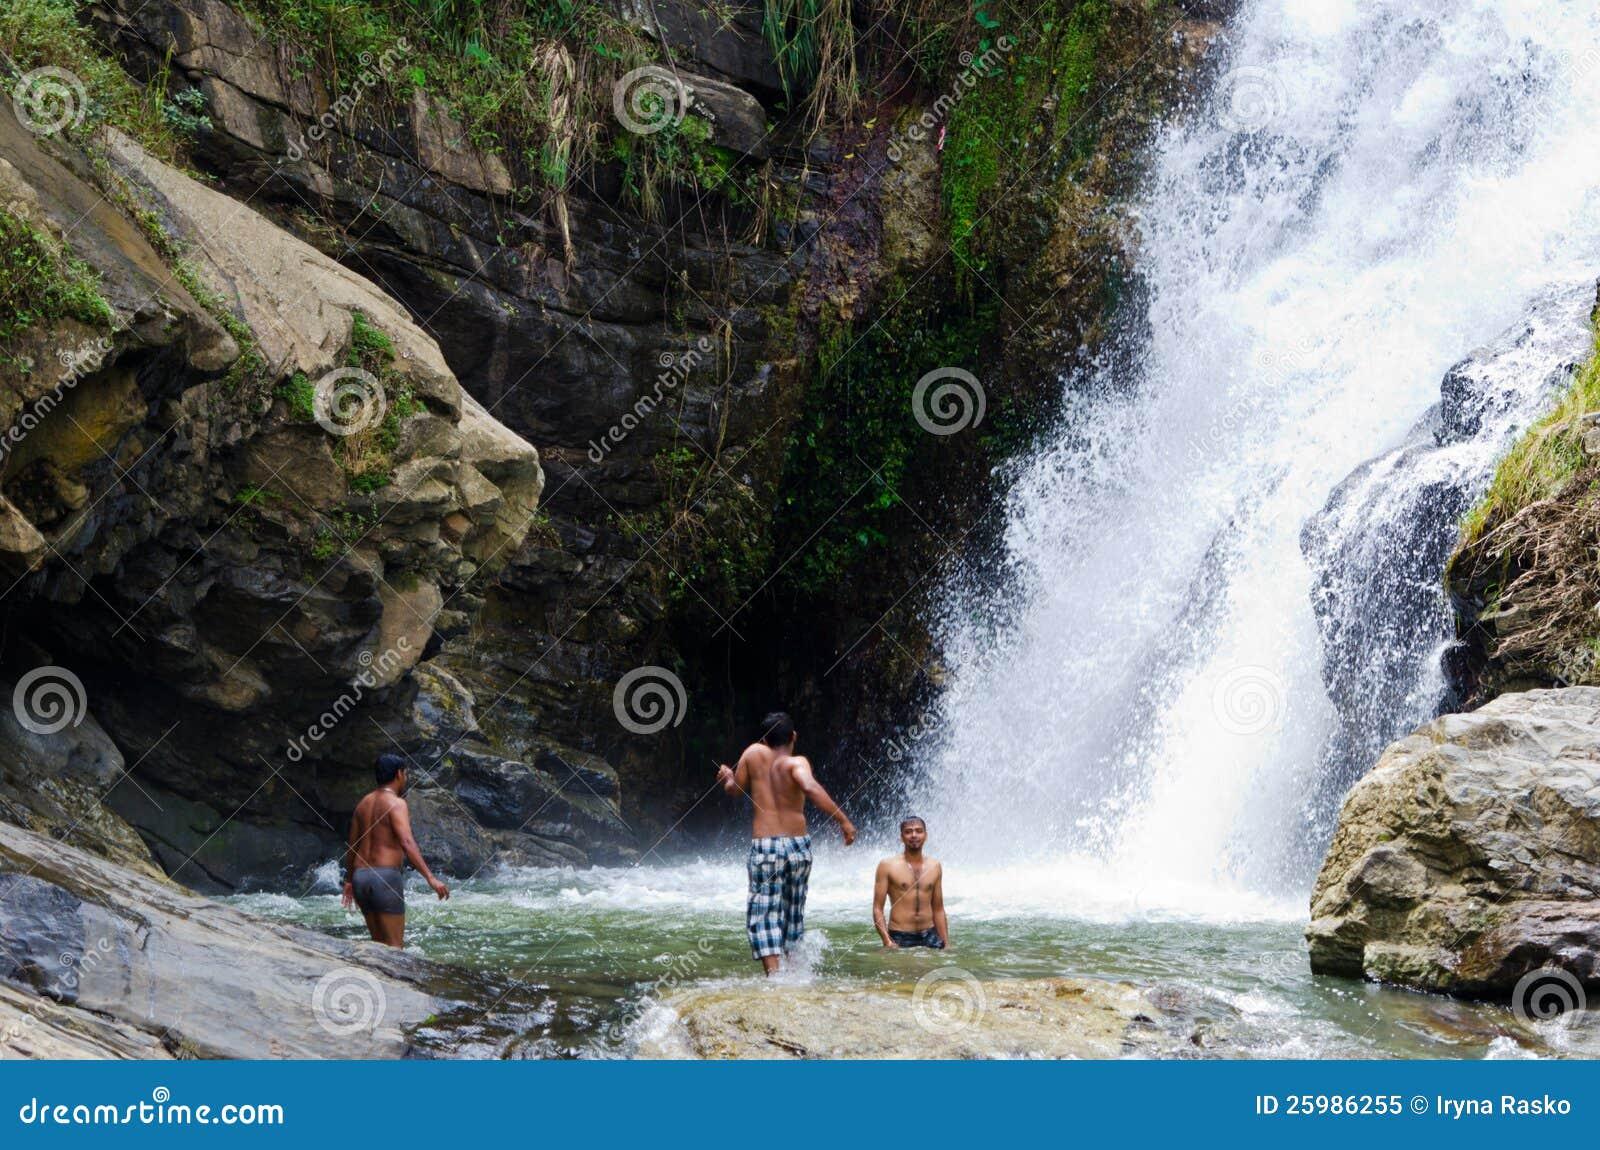 Ravana Falls The Widest Waterfalls In Sri Lanka